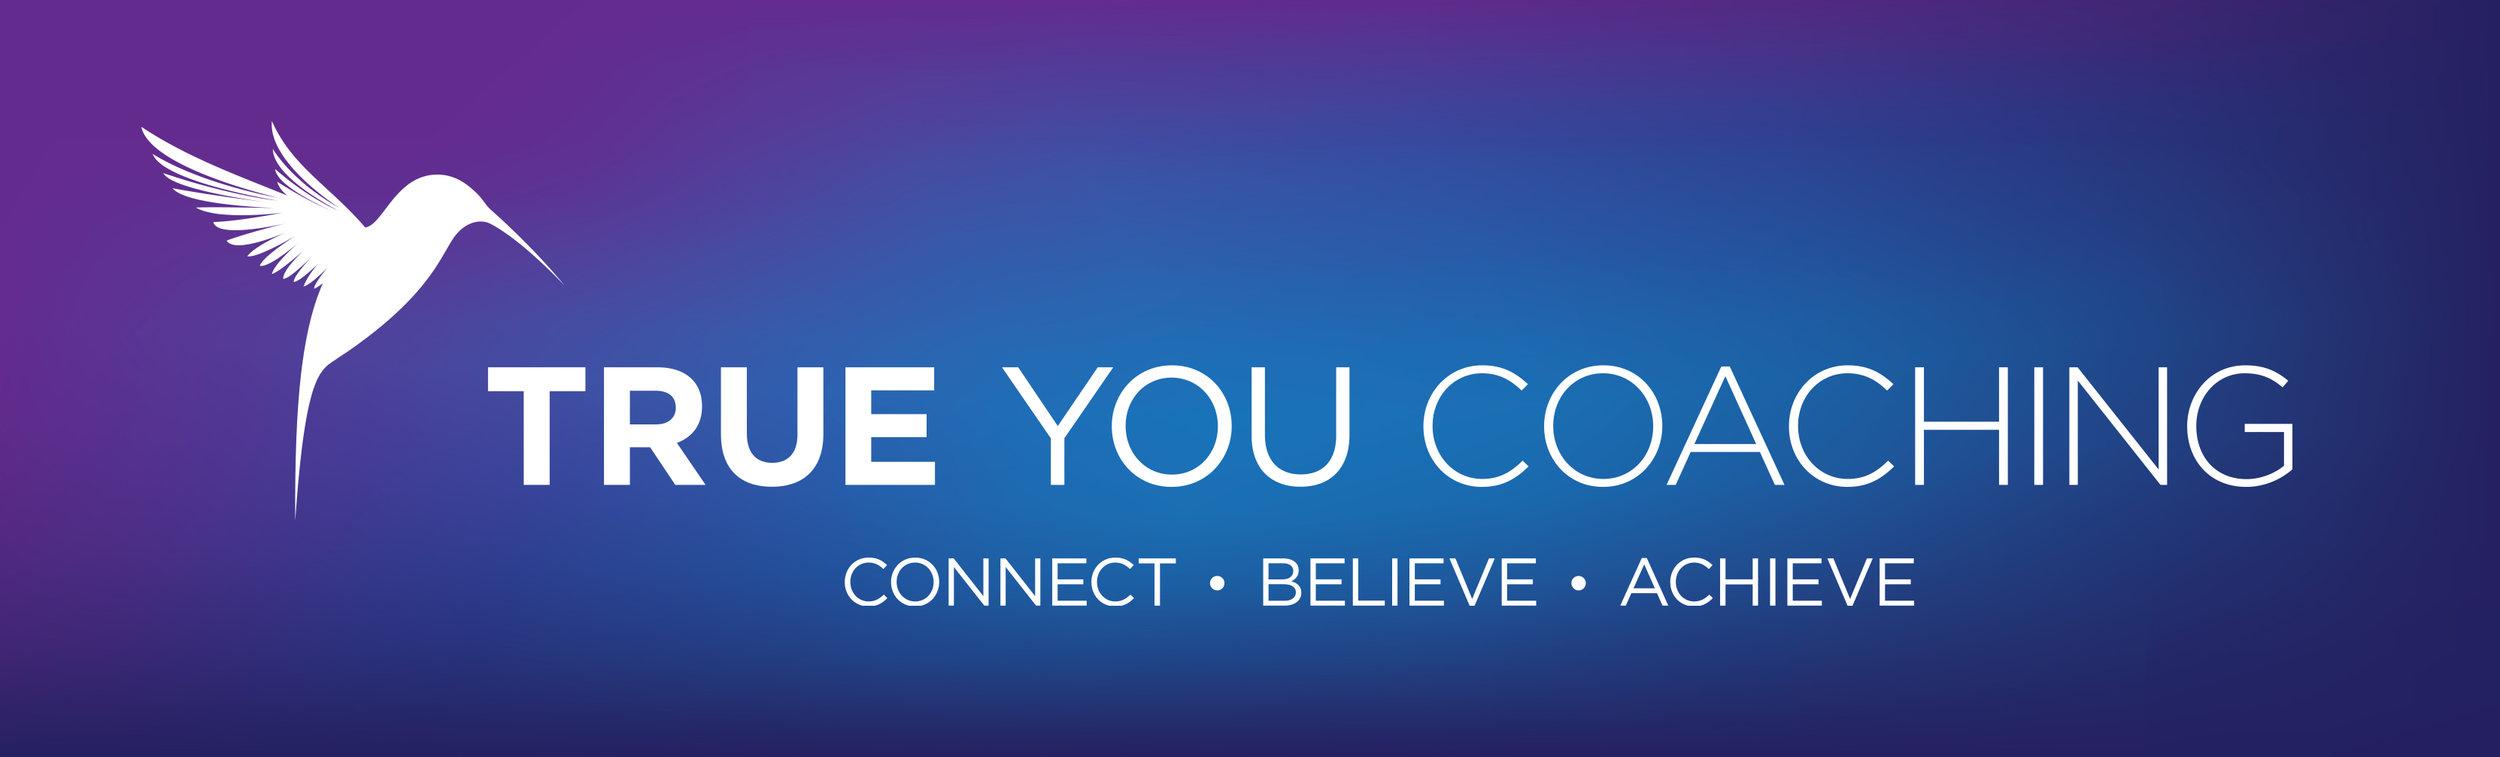 True-You-Coaching_Web-Logo (1).jpg